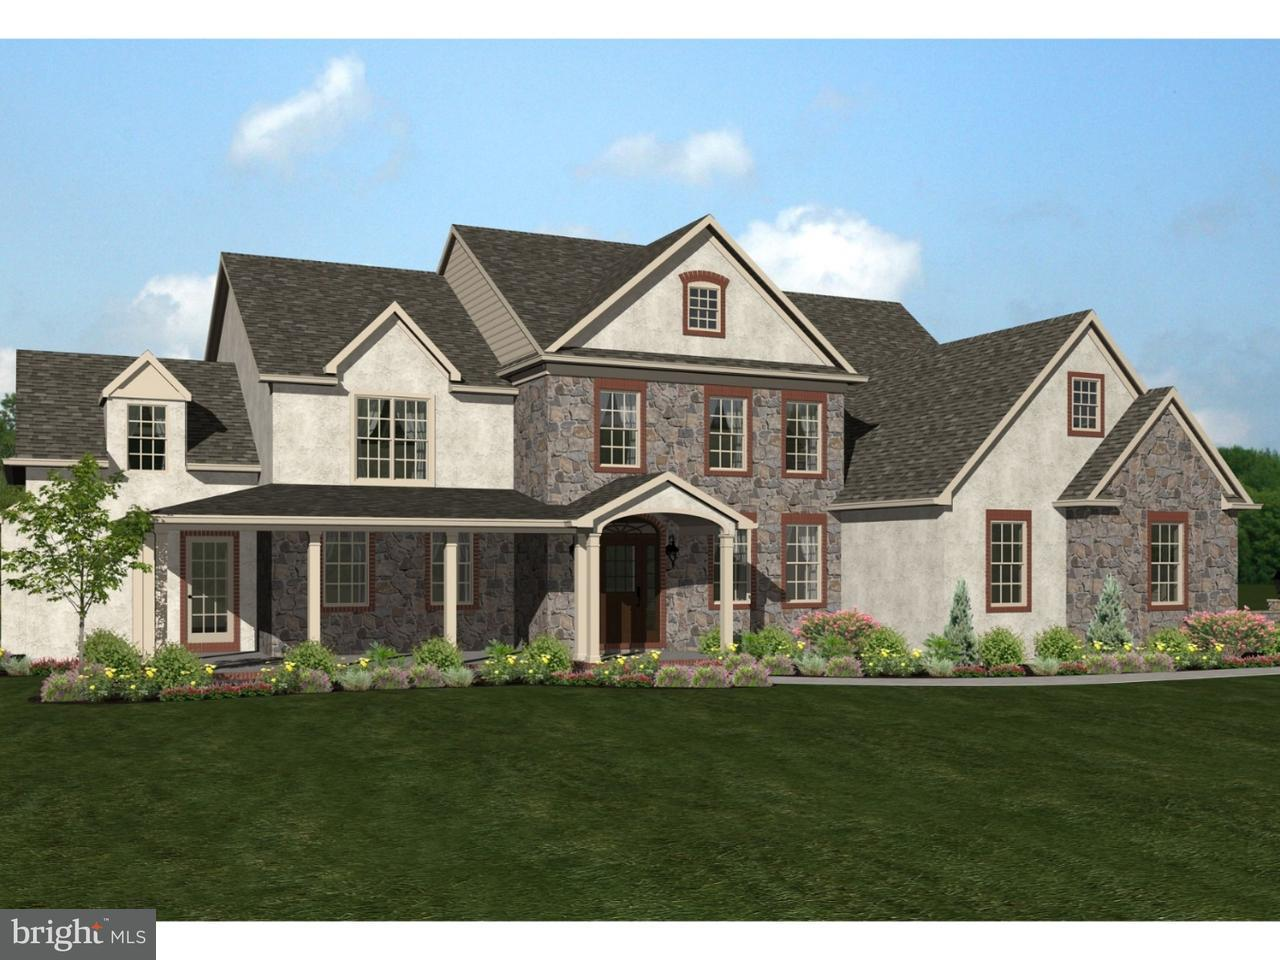 Частный односемейный дом для того Продажа на 1179 OLD BERNVILLE Road Leesport, Пенсильвания 19533 Соединенные Штаты